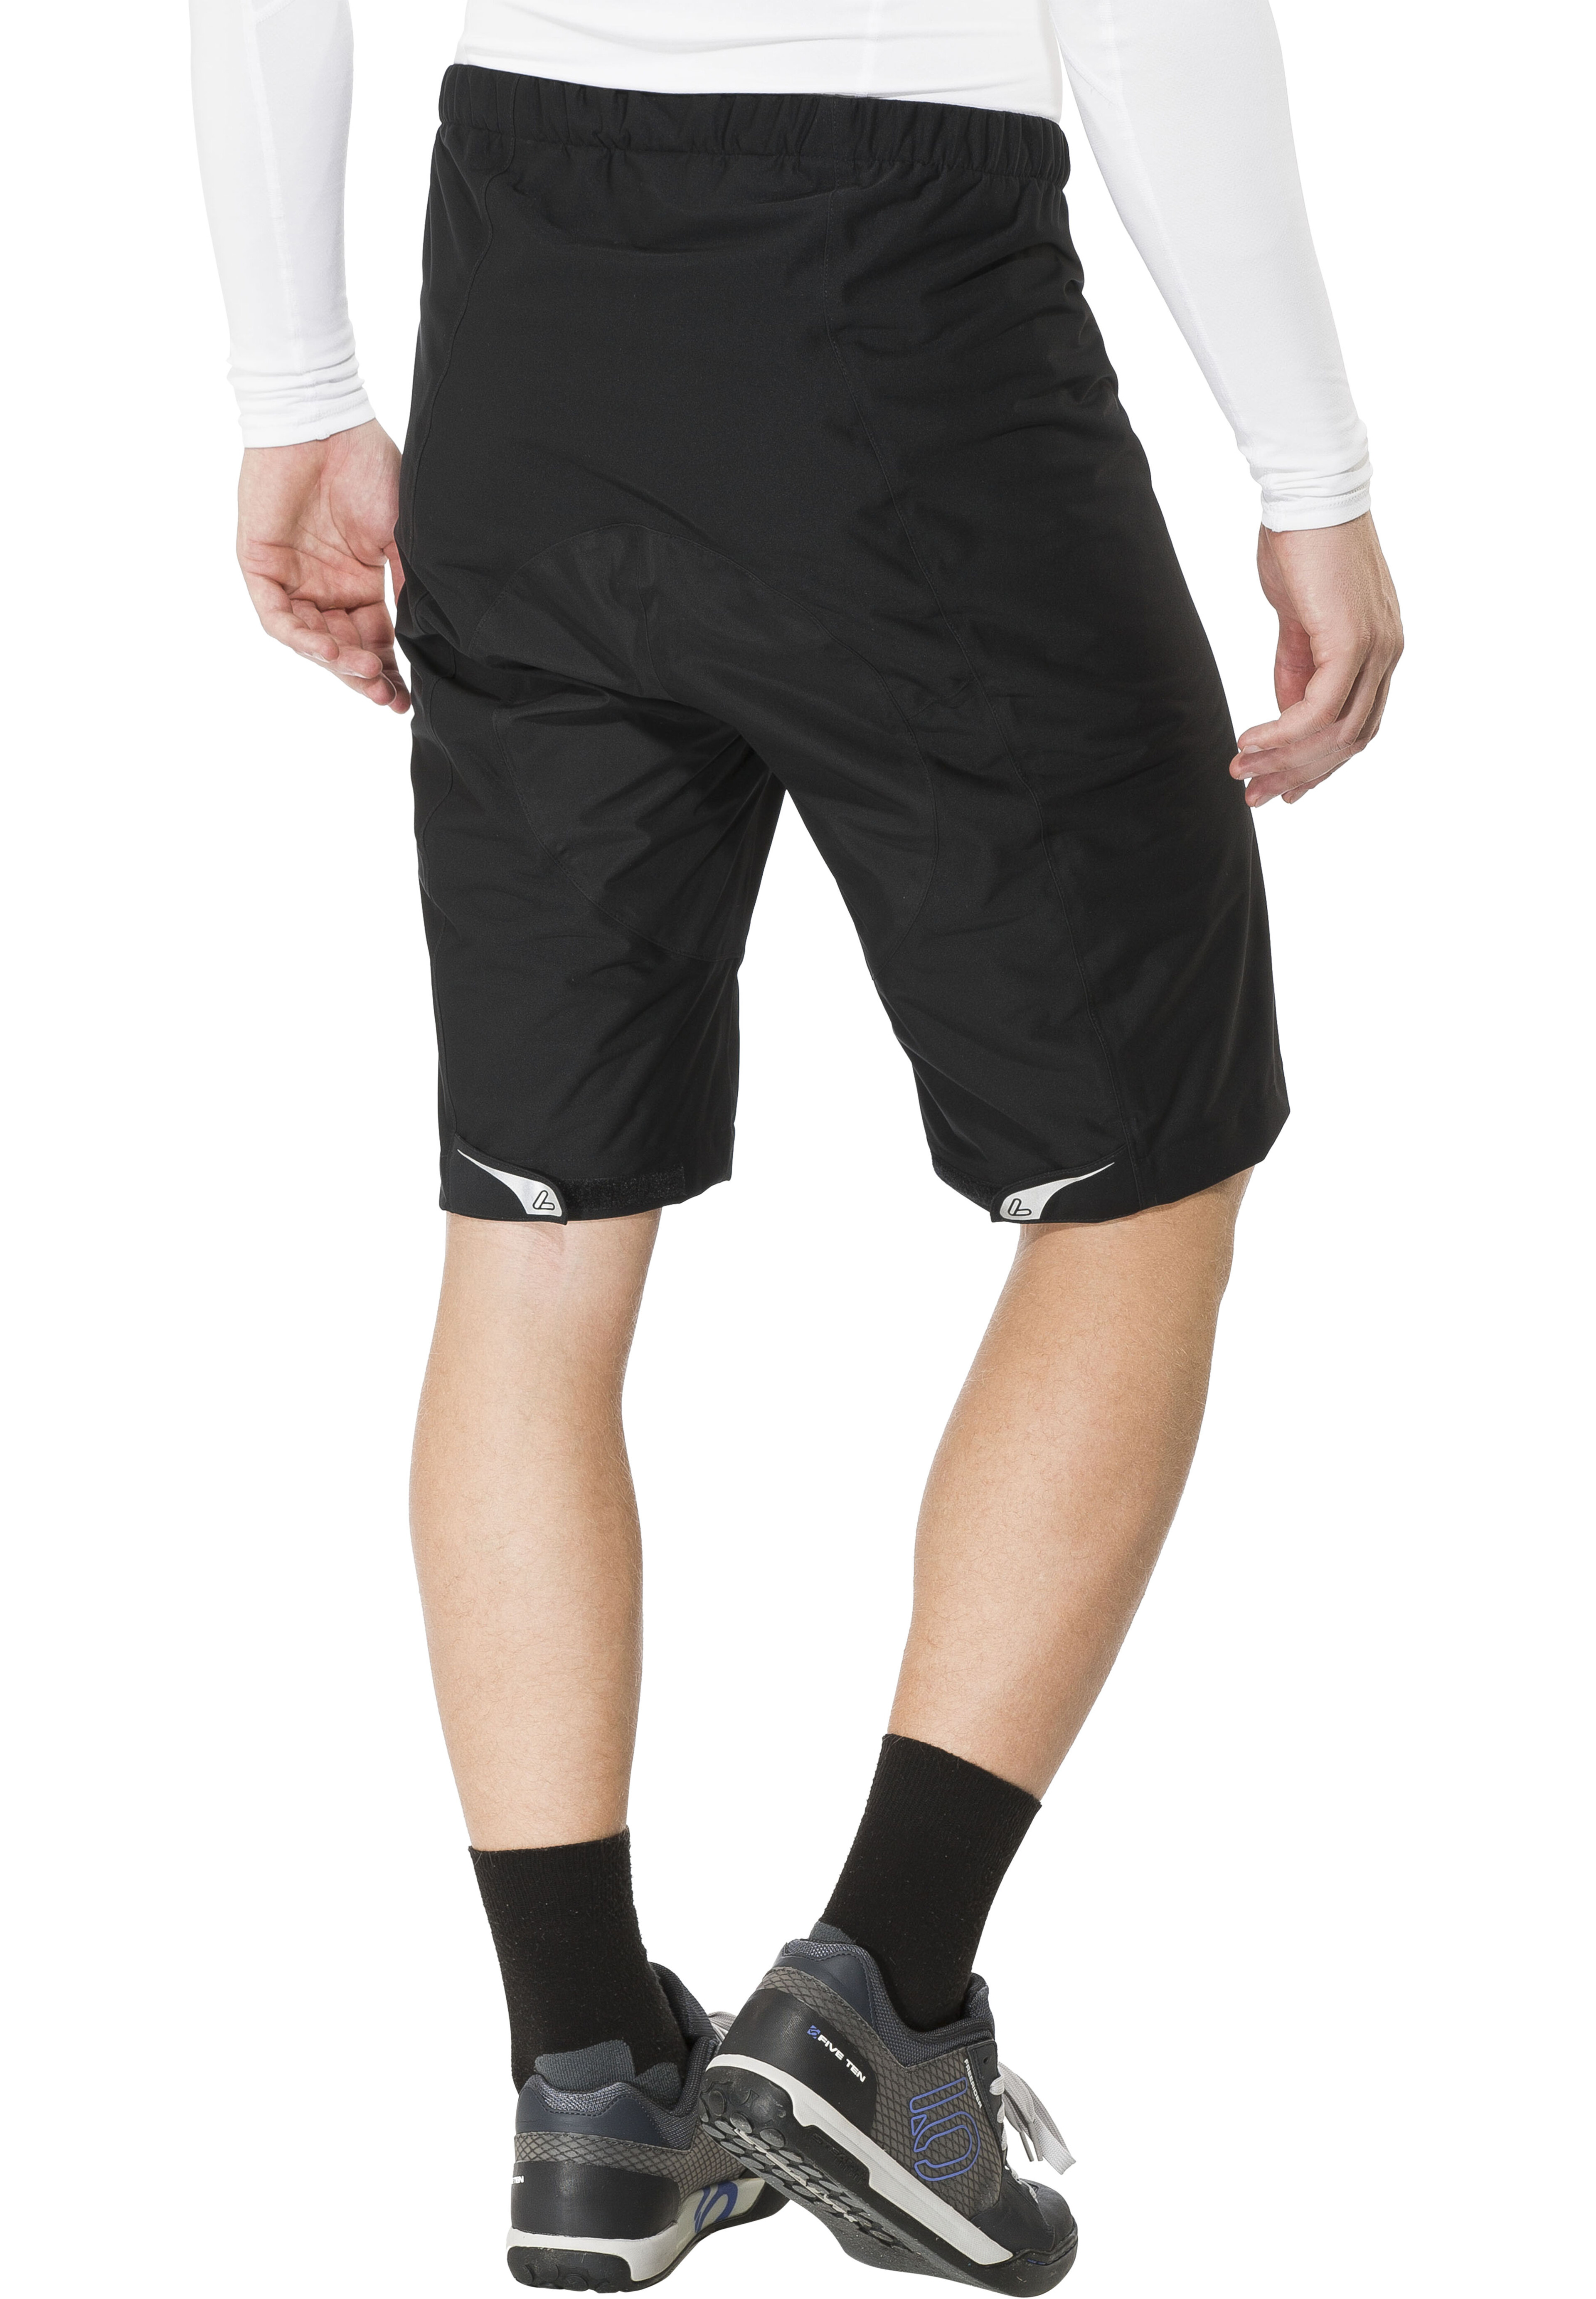 Löffler GTX Active Bike Shorts Herren schwarz online kaufen bei Bikester bc8ecb367d